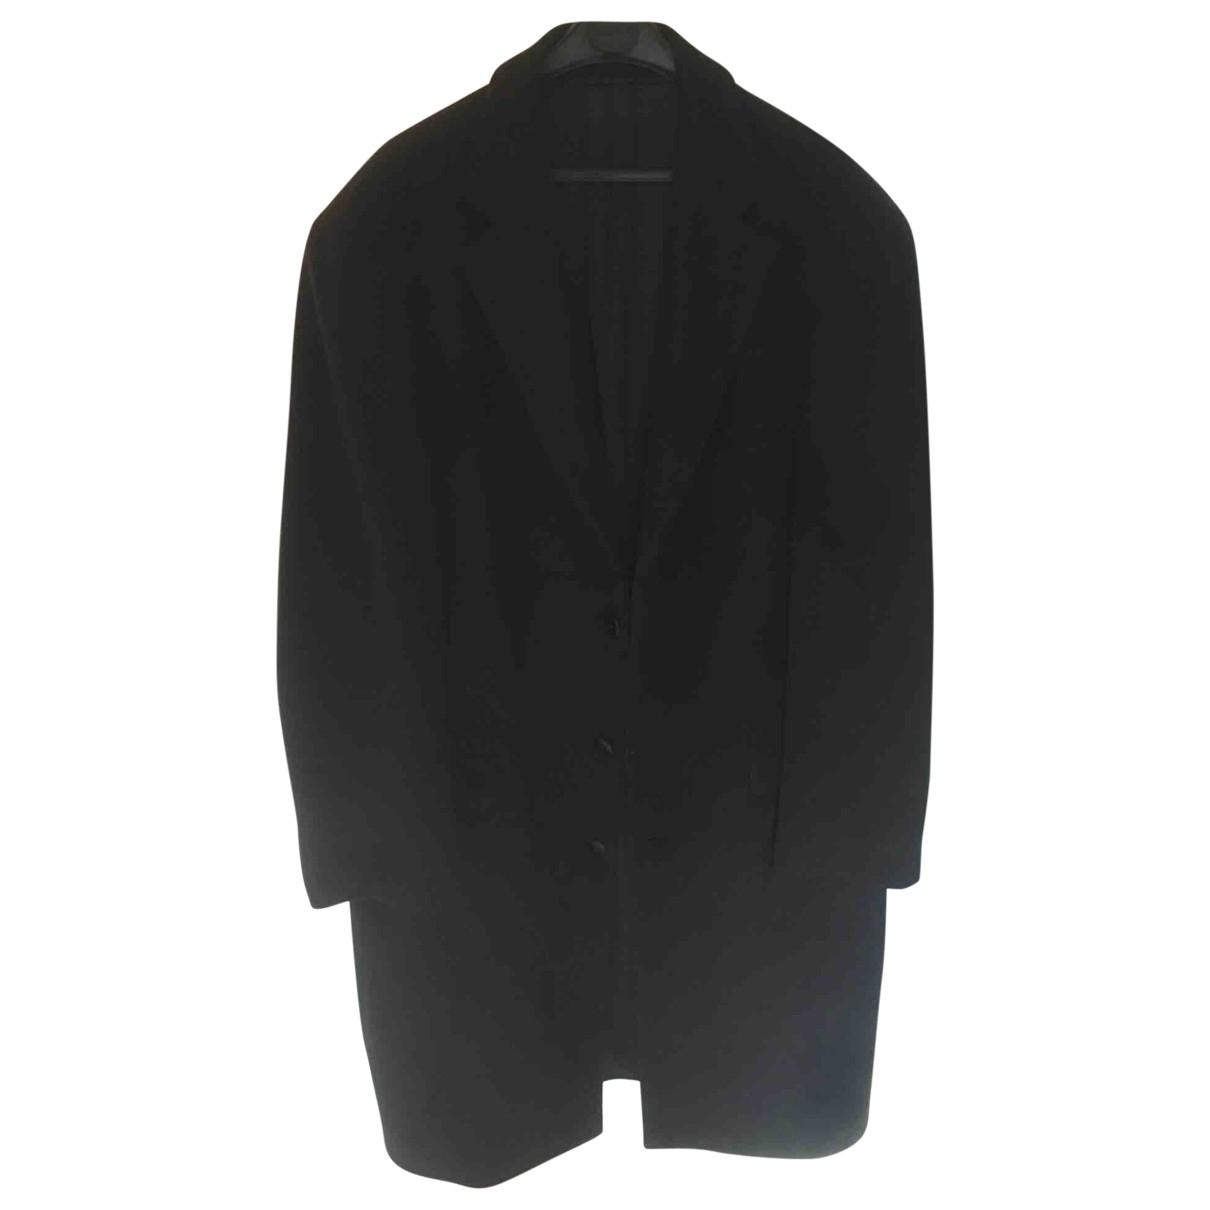 Courreges - Manteau   pour homme en laine - noir